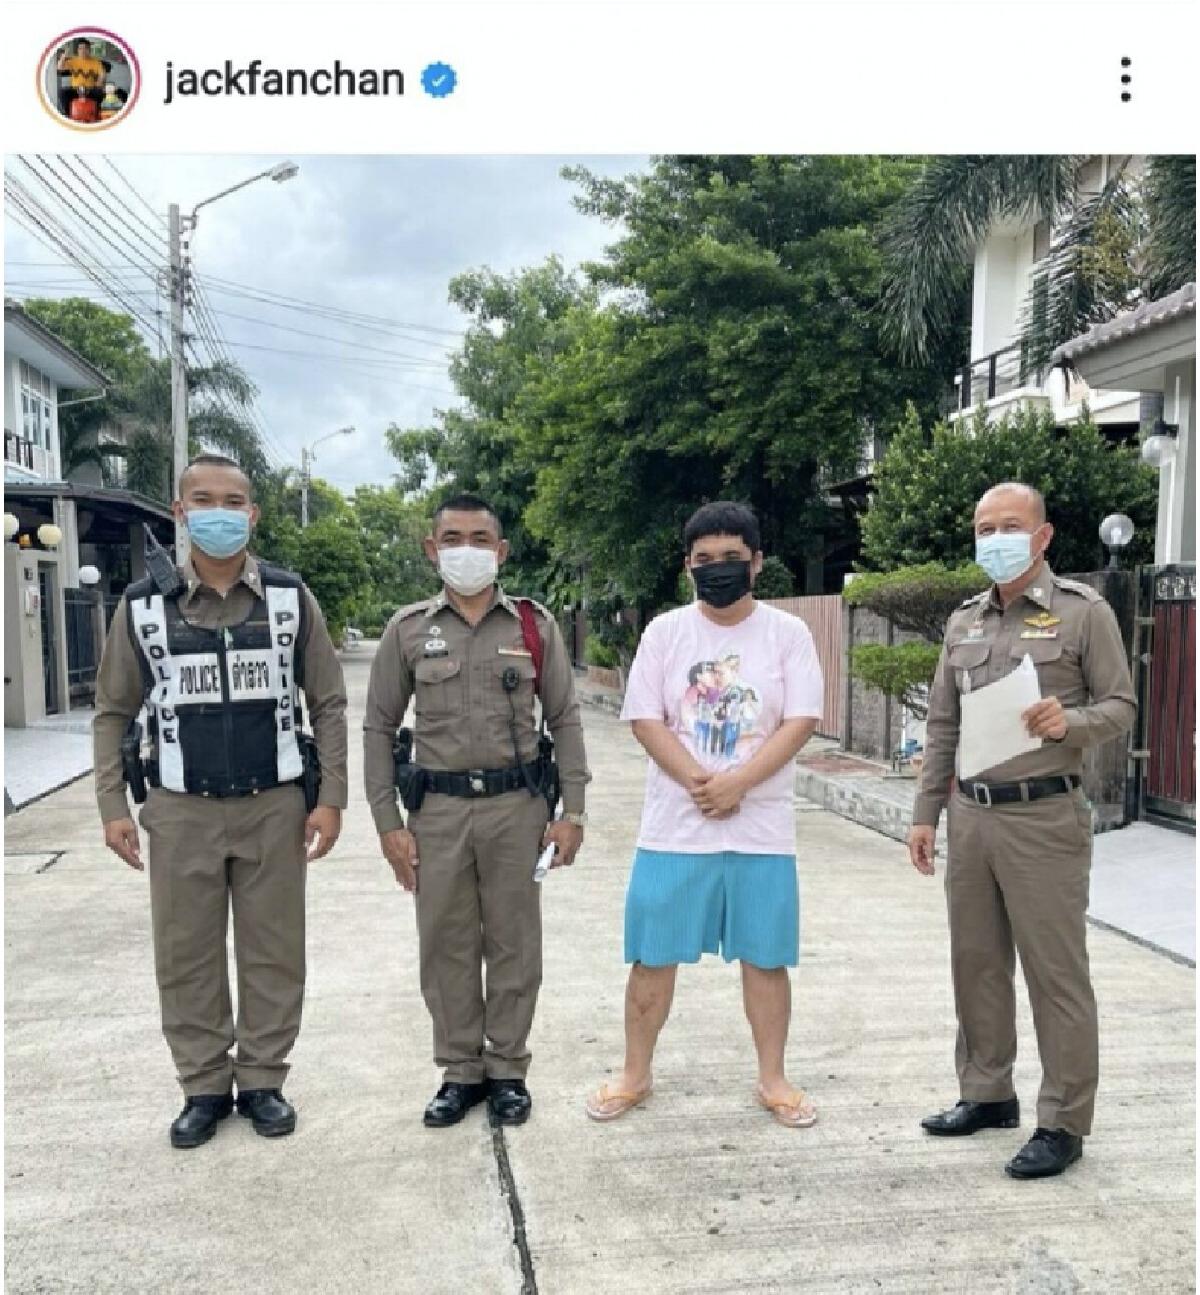 """ตกใจ """"แจ๊ค แฟนฉัน"""" รีบแจง หลังถูก DM ถาม คนเข้าใจผิดถูกตำรวจจับ"""